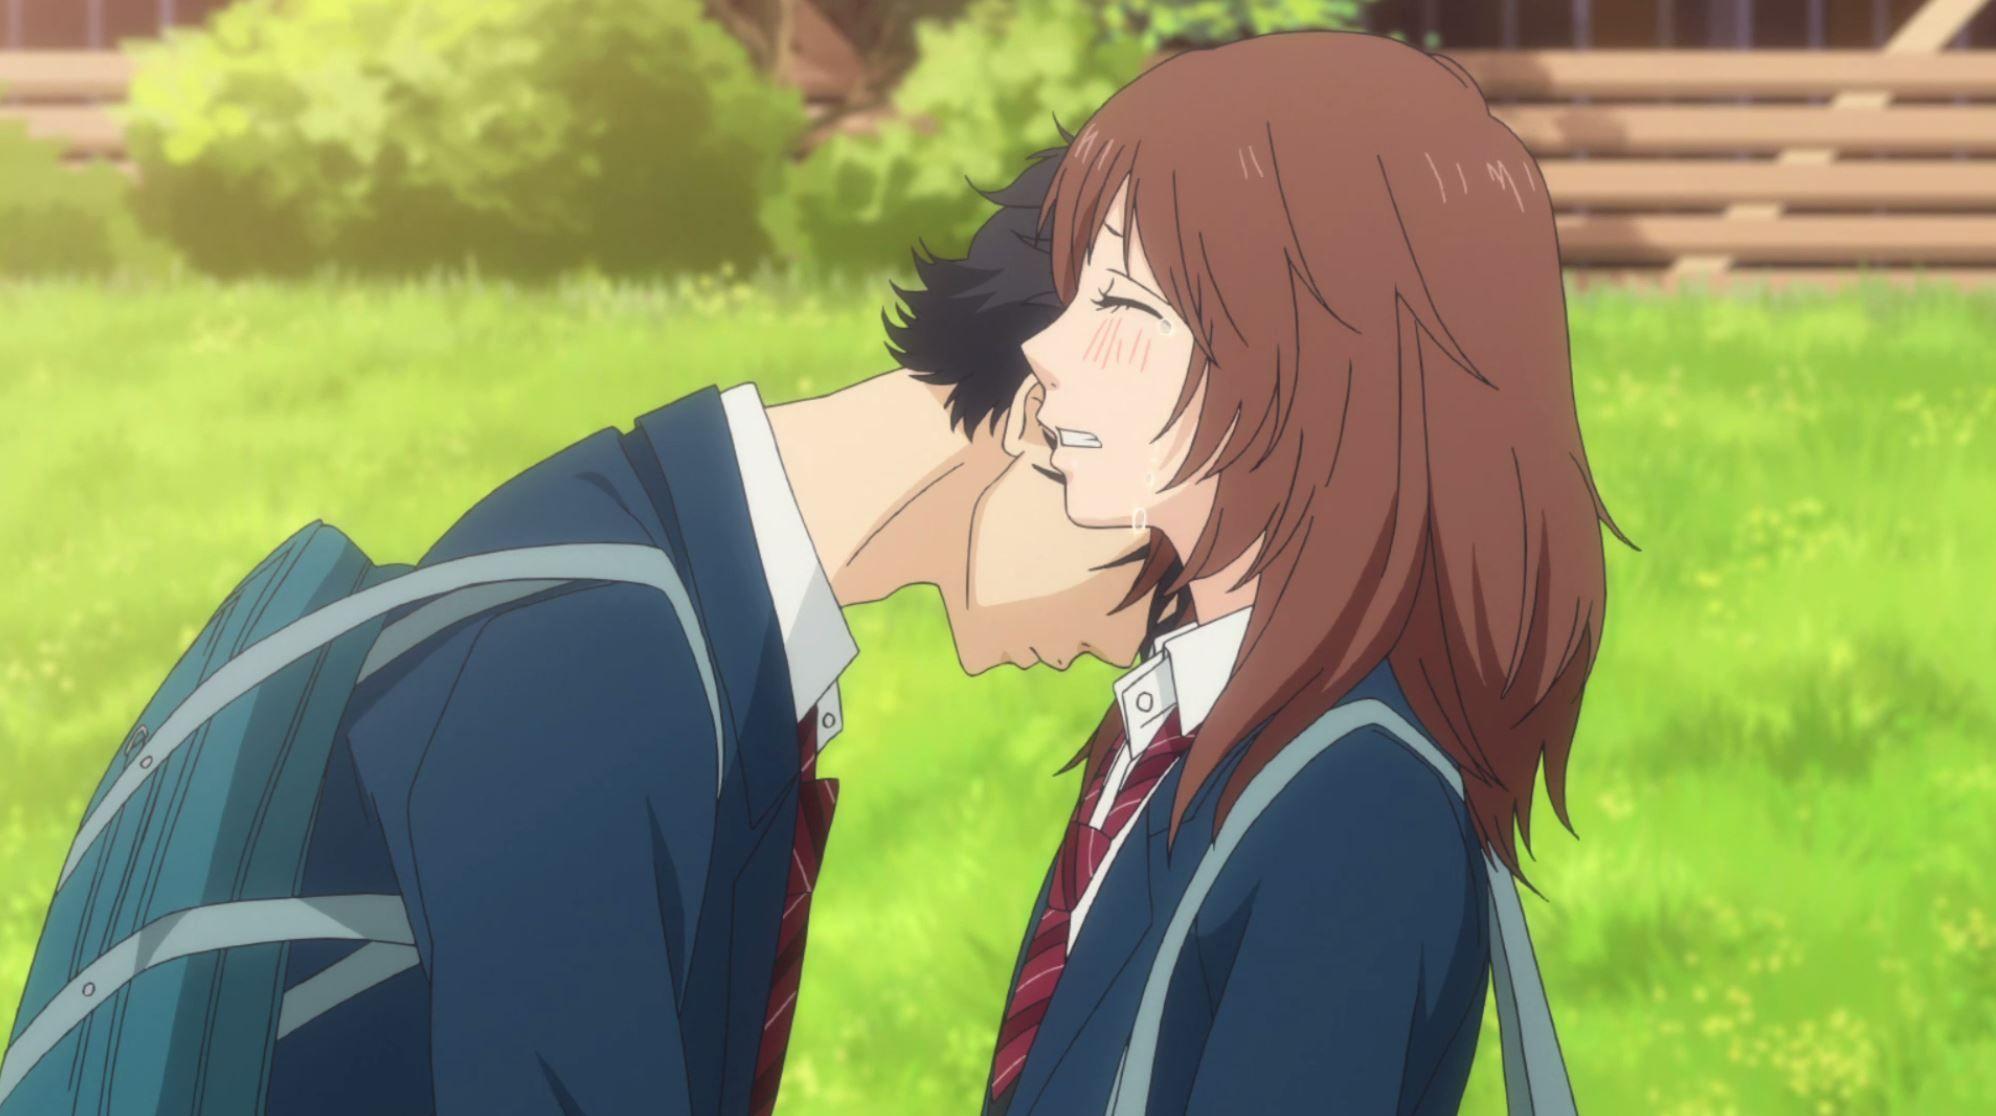 [Anime Review] Ao Haru Ride Blue springs ride, Anime, Ao